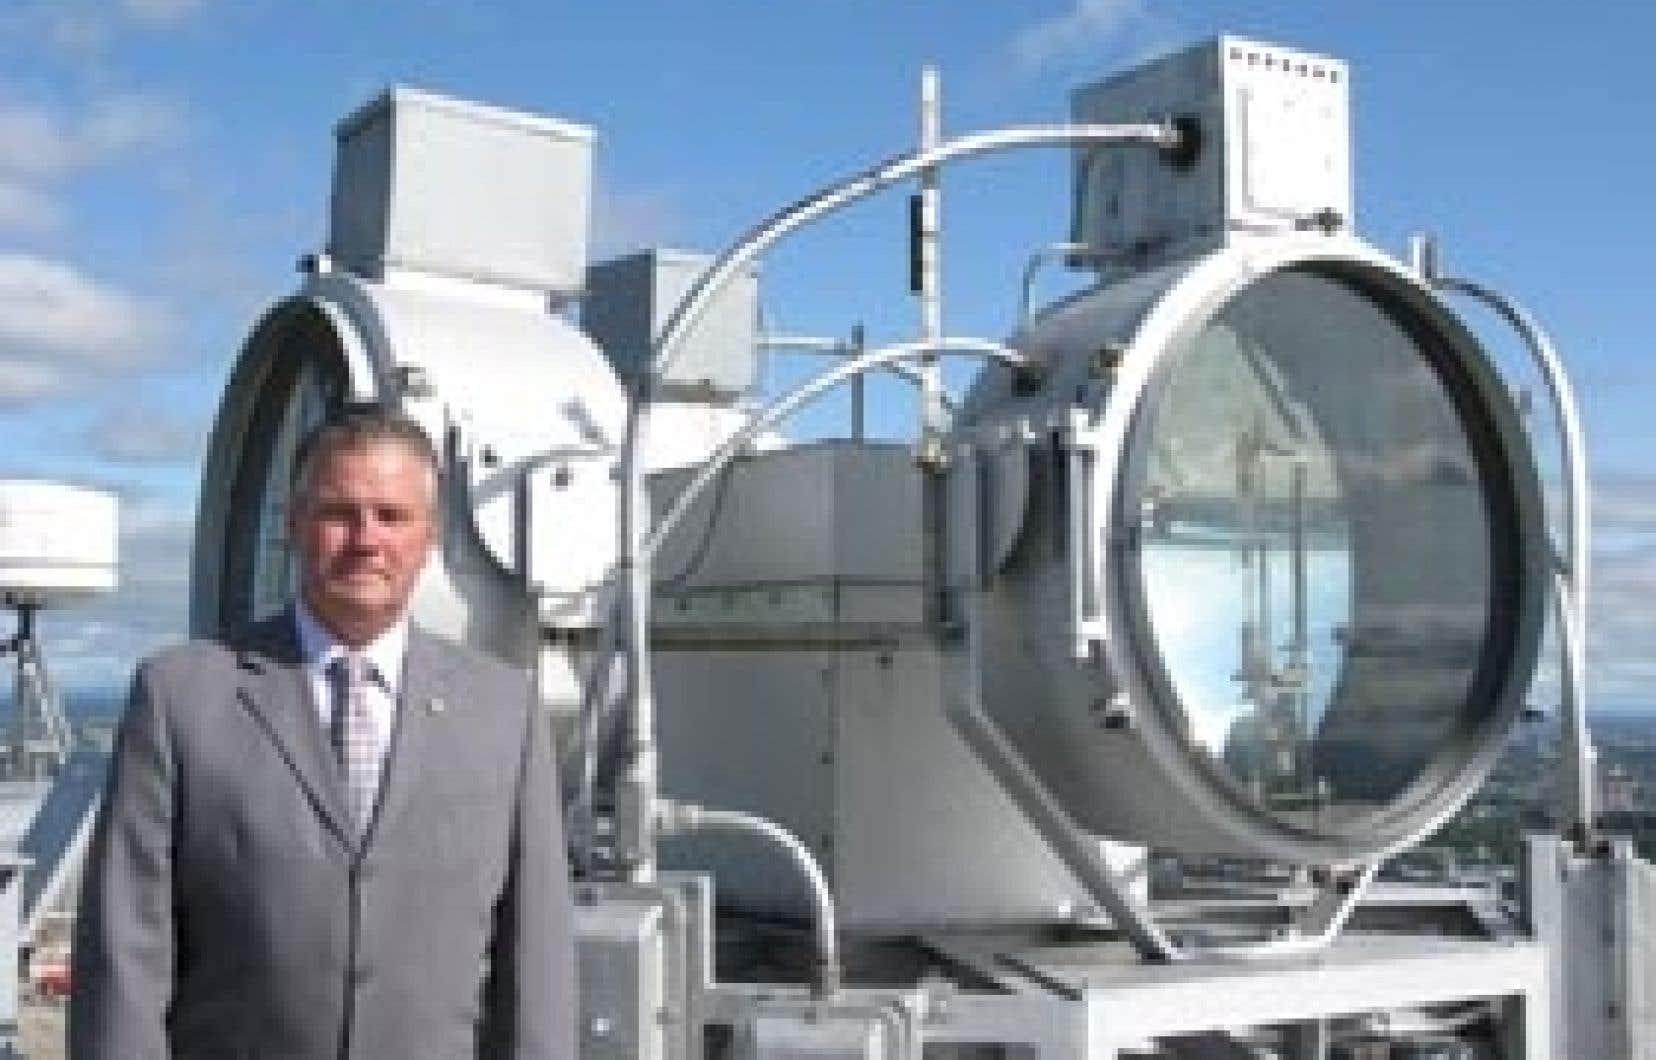 André LeCavalier, photographié à côté du gyrophare.